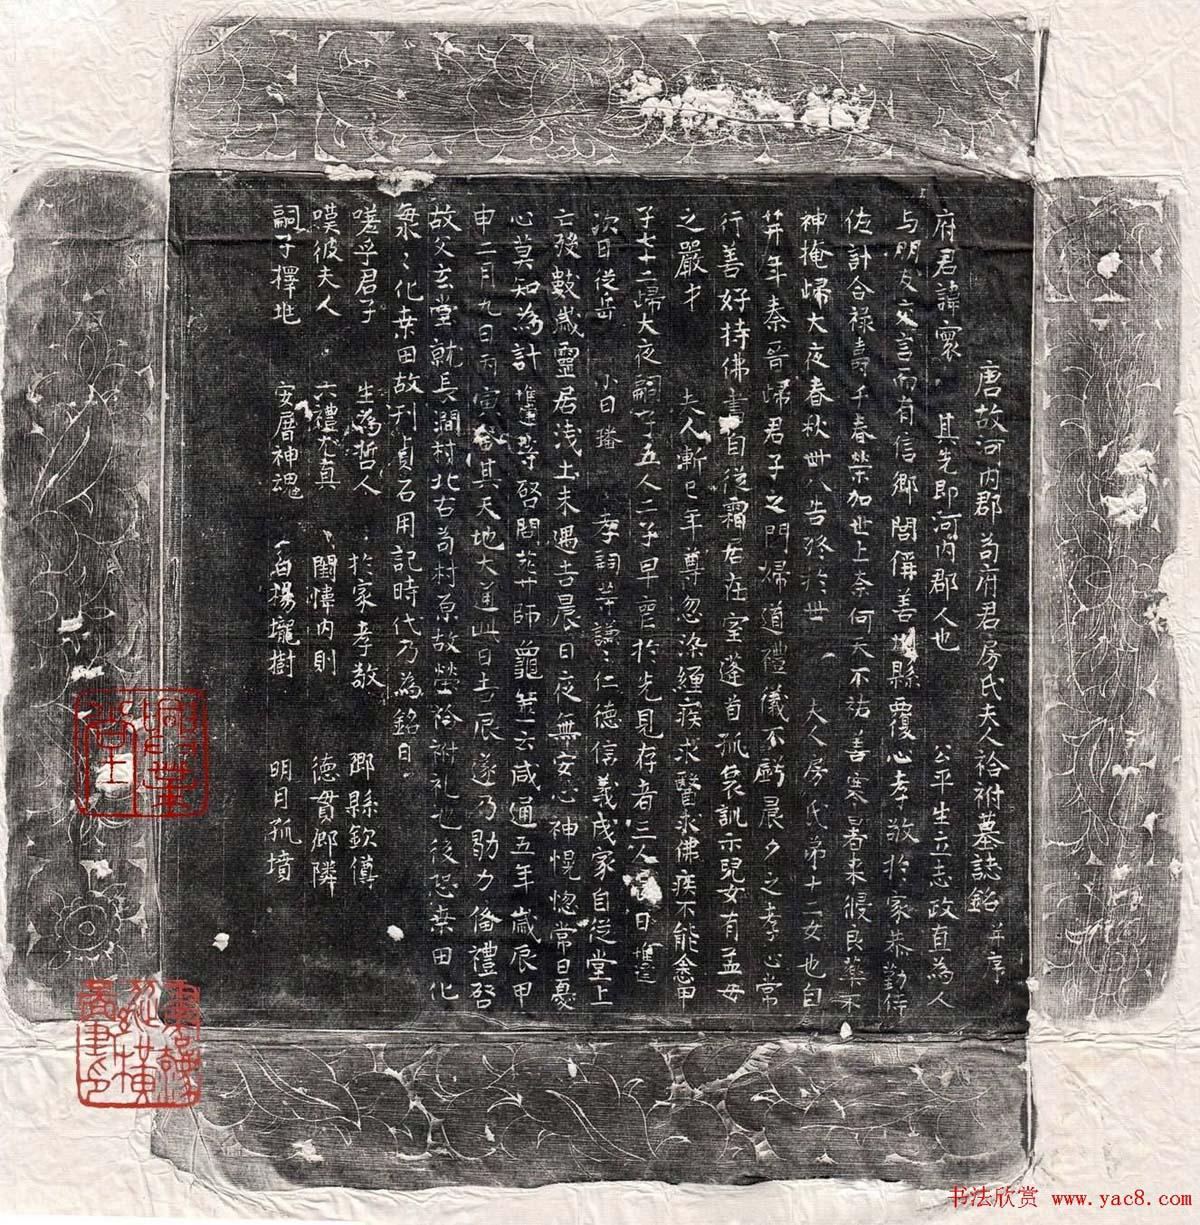 唐代墓志书法精选十七方全图